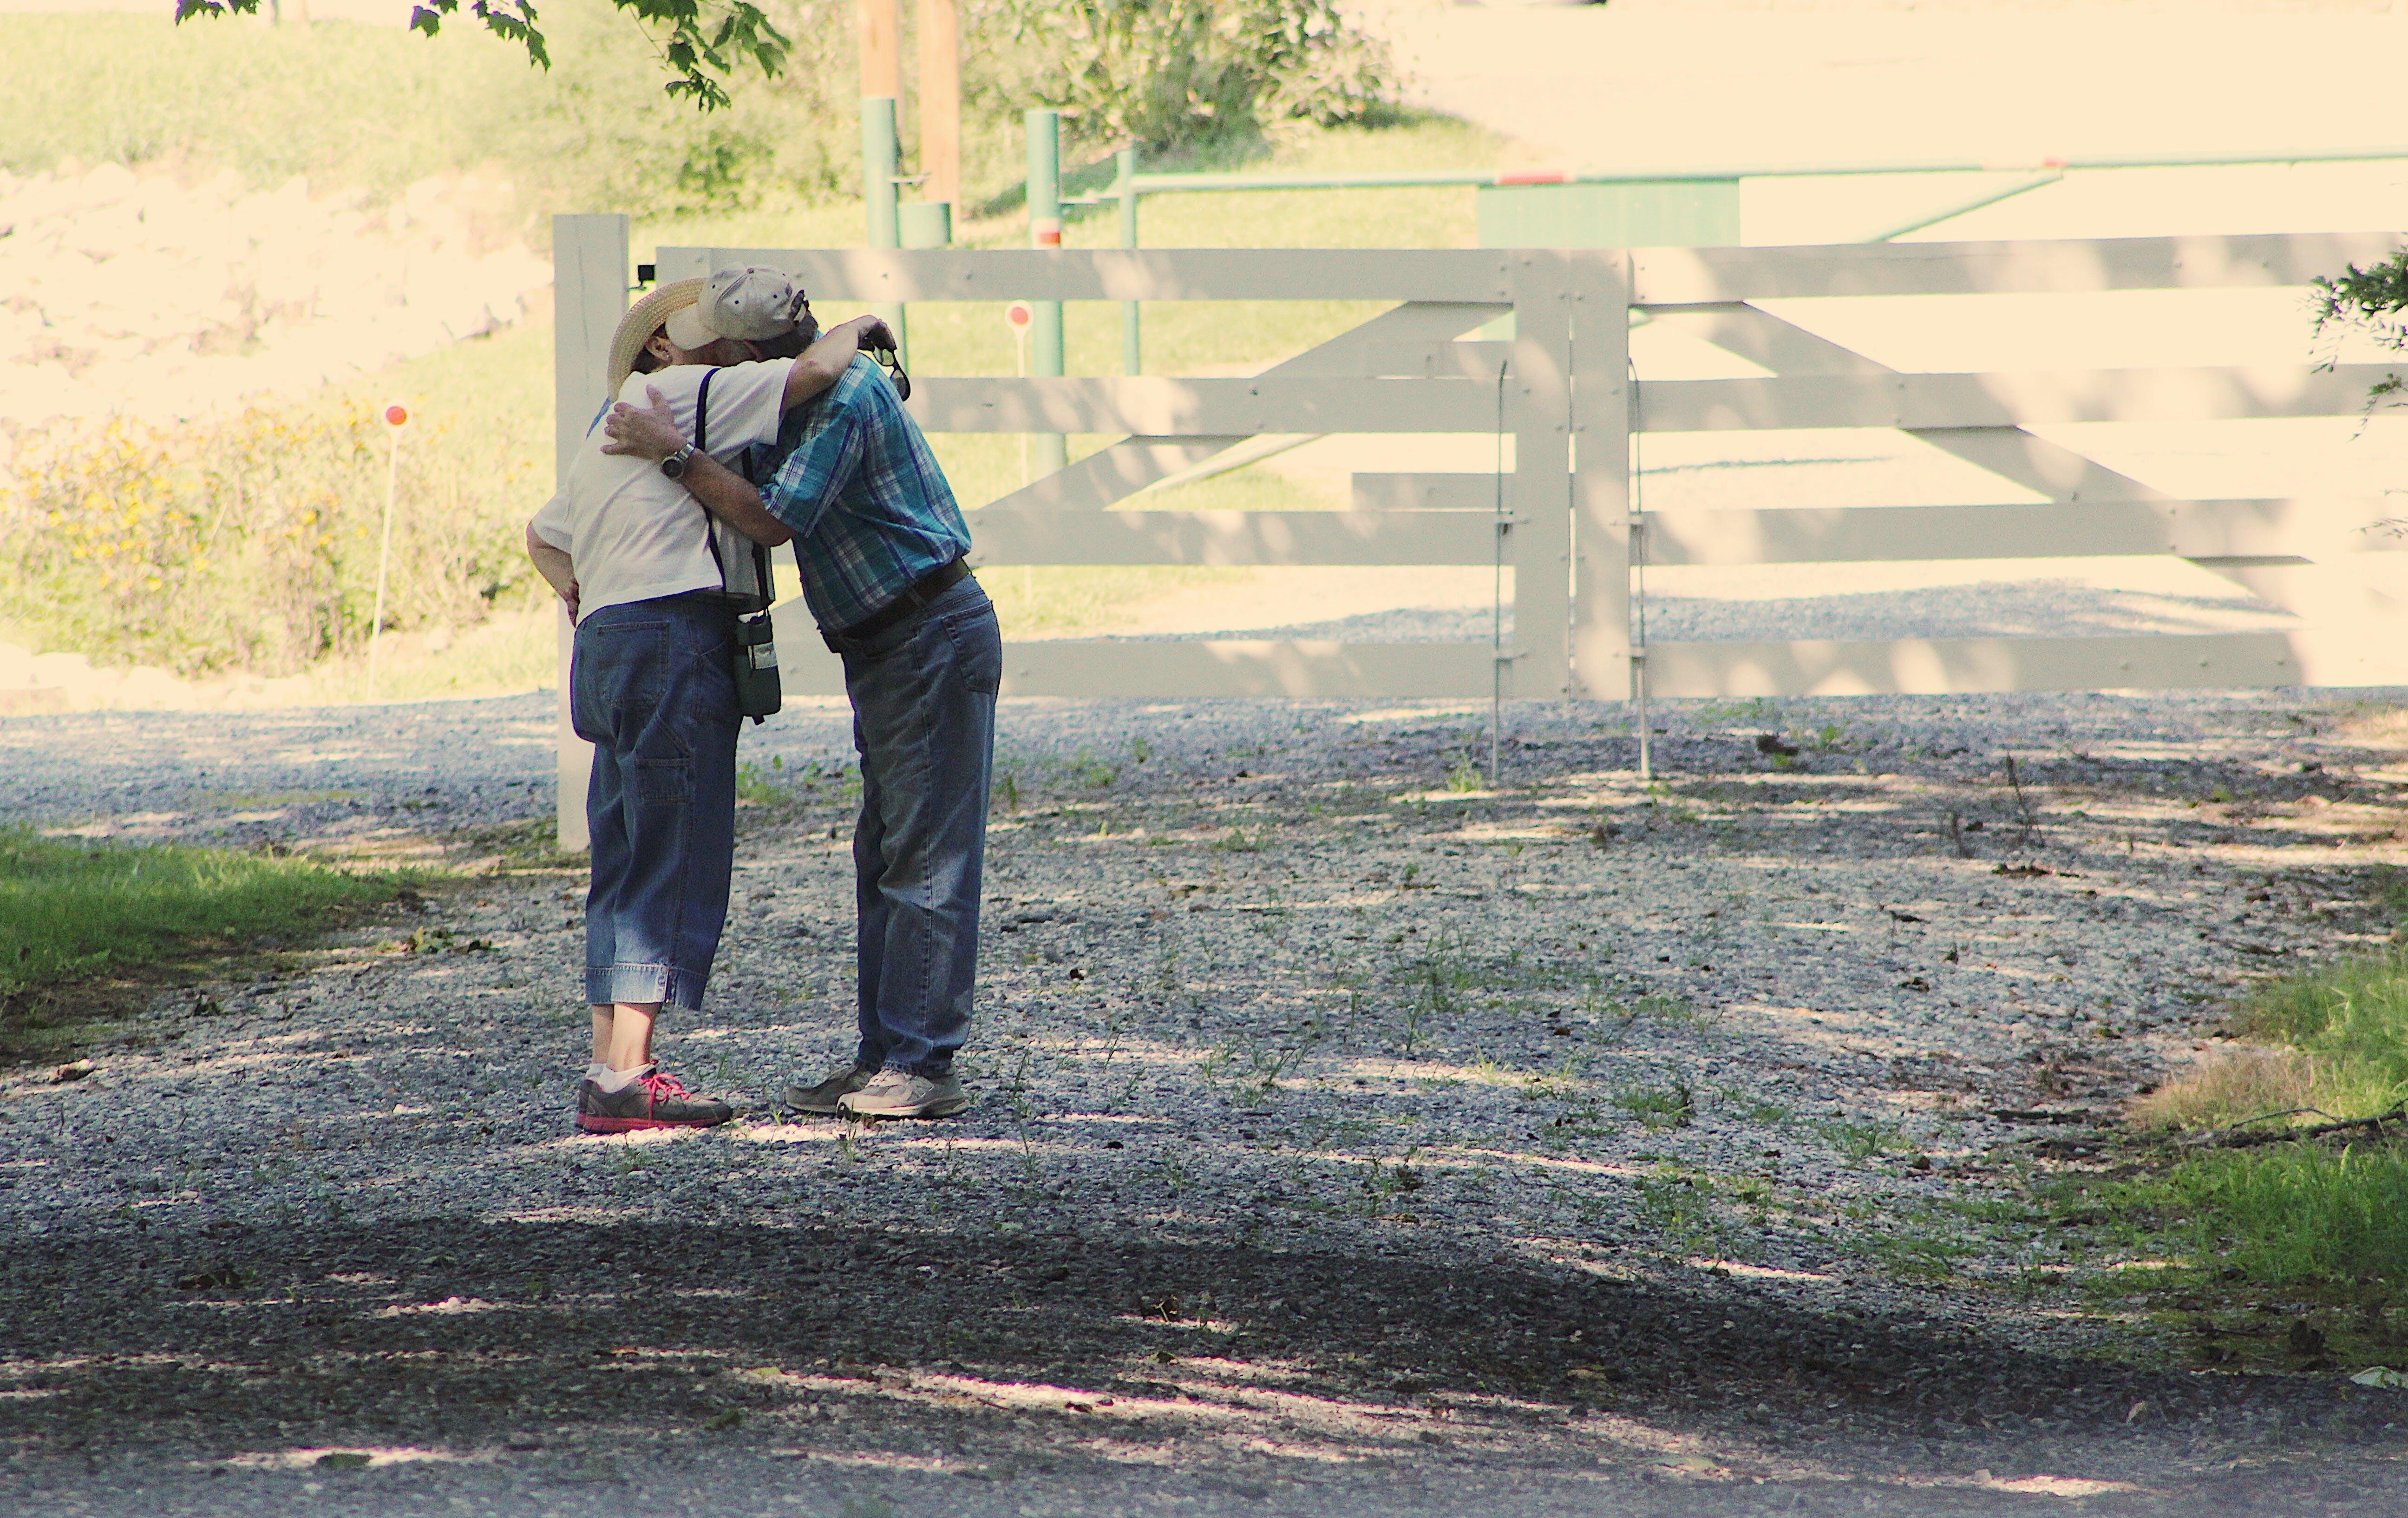 人, 公園, 围栏, 成人 的 免费素材照片